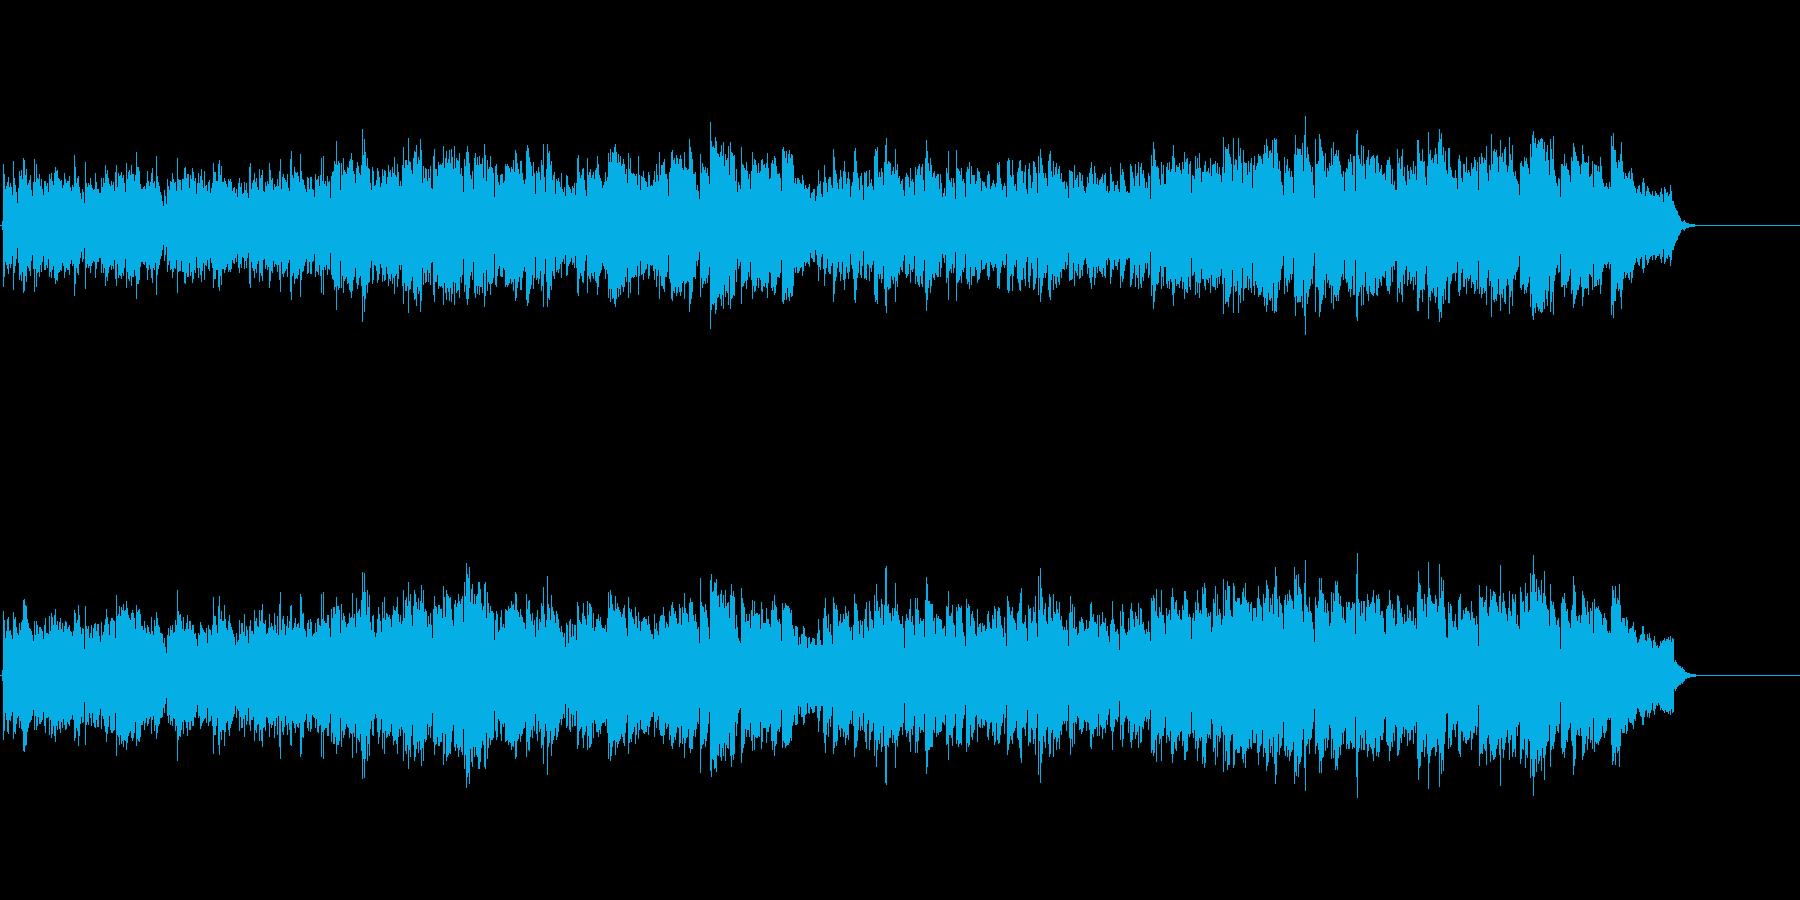 nullの再生済みの波形